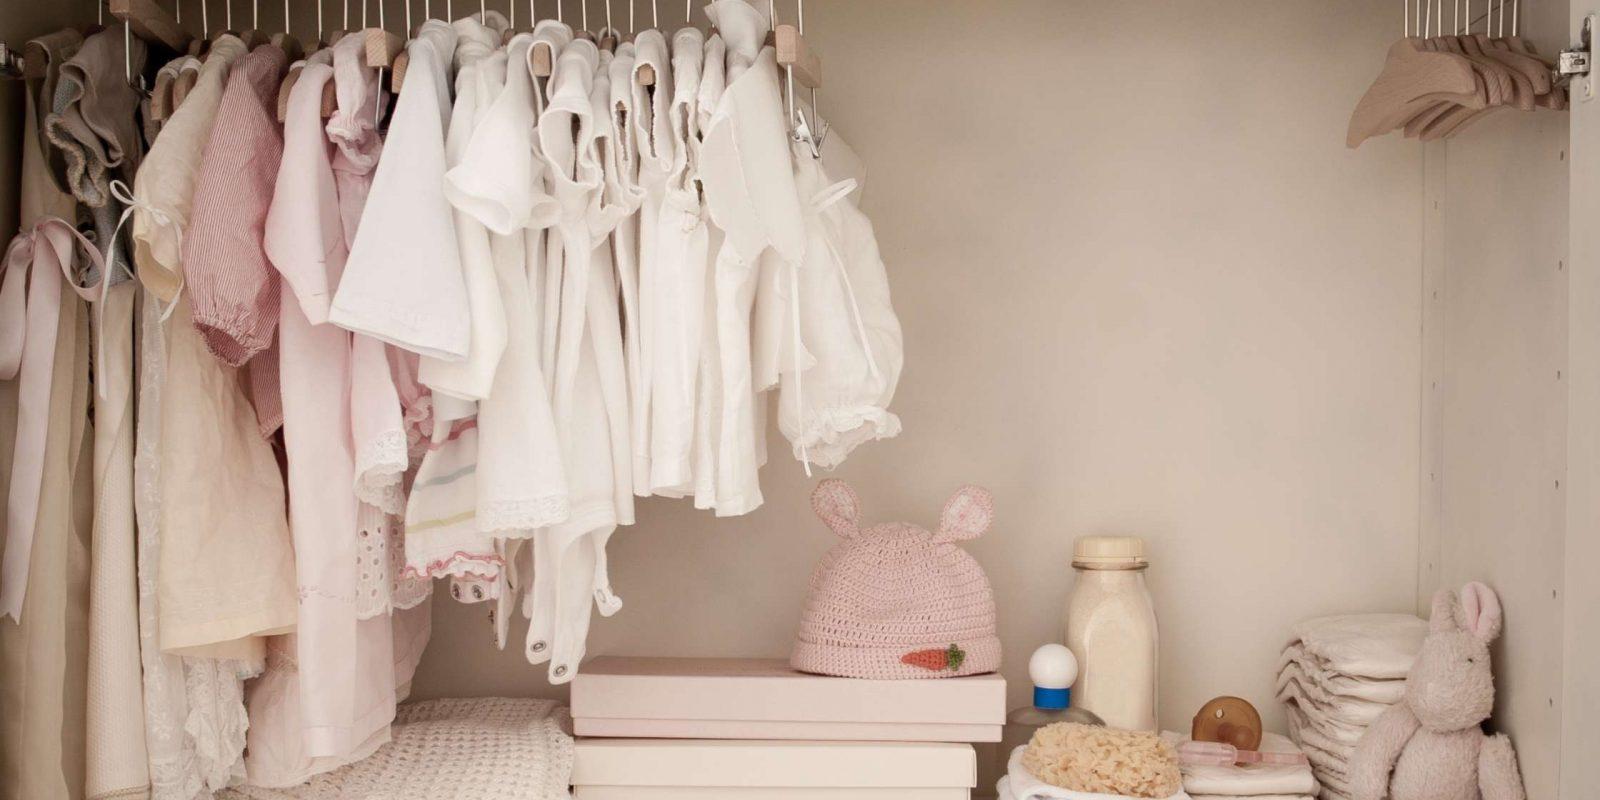 10 geheimen om de kast van je kind georganiseerd te houden